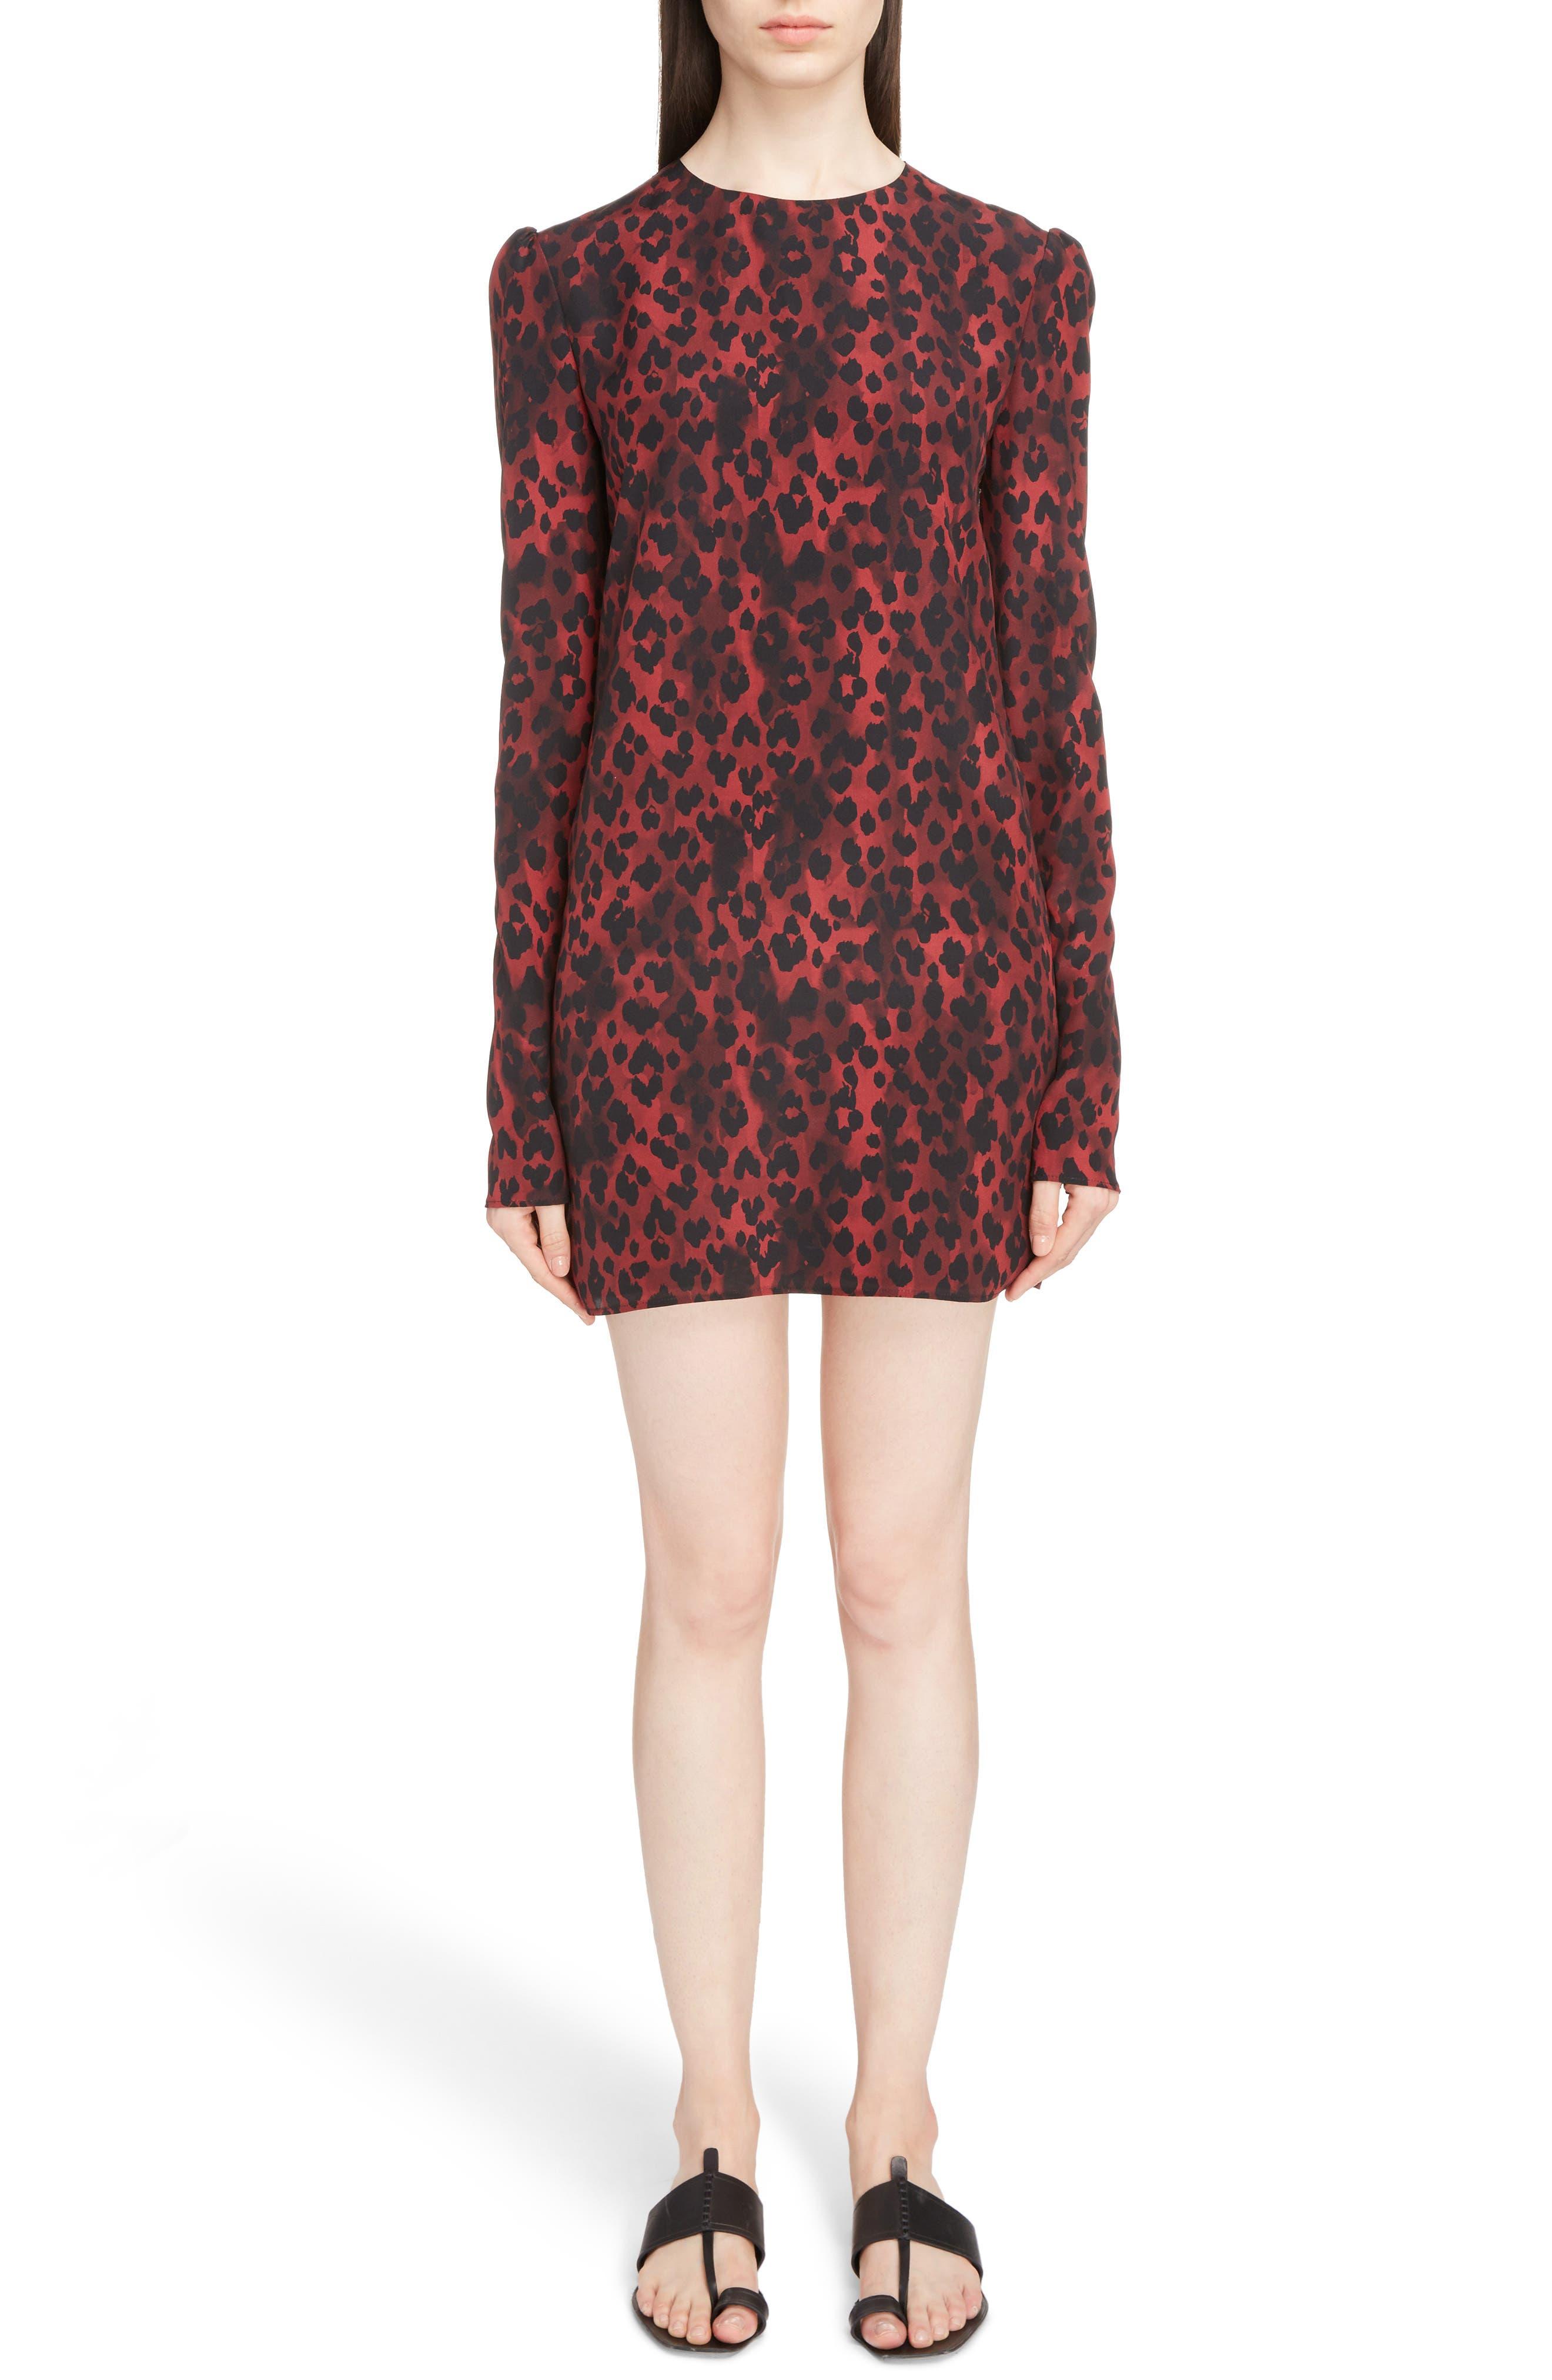 Alternate Image 1 Selected - Saint Laurent Silk Crêpe de Chine Leopard Print Shift Dress